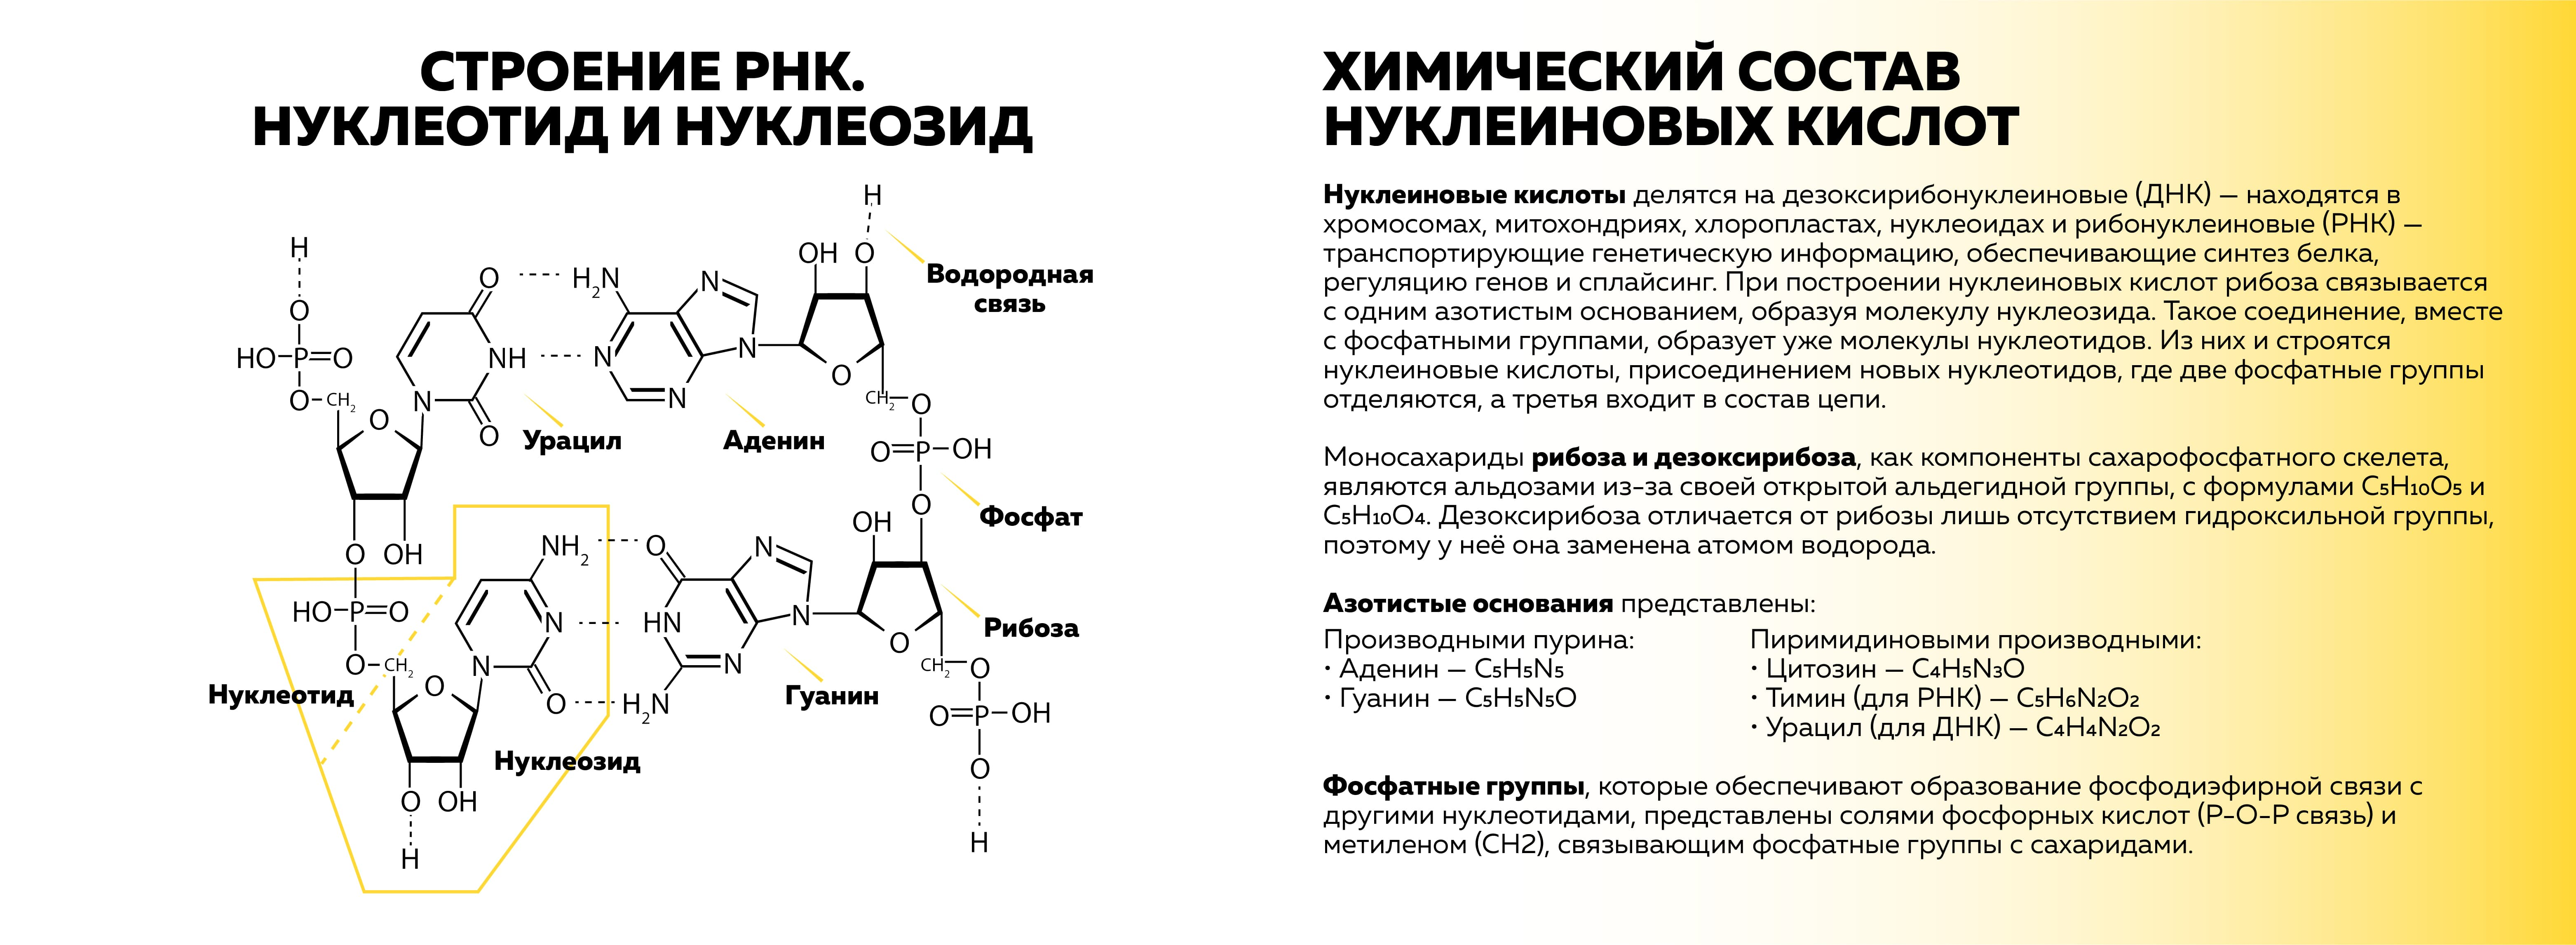 Рисунок 1. Источник: собственная иллюстрация на основе материала книги Михаила Никитина «От туманности до клетки»